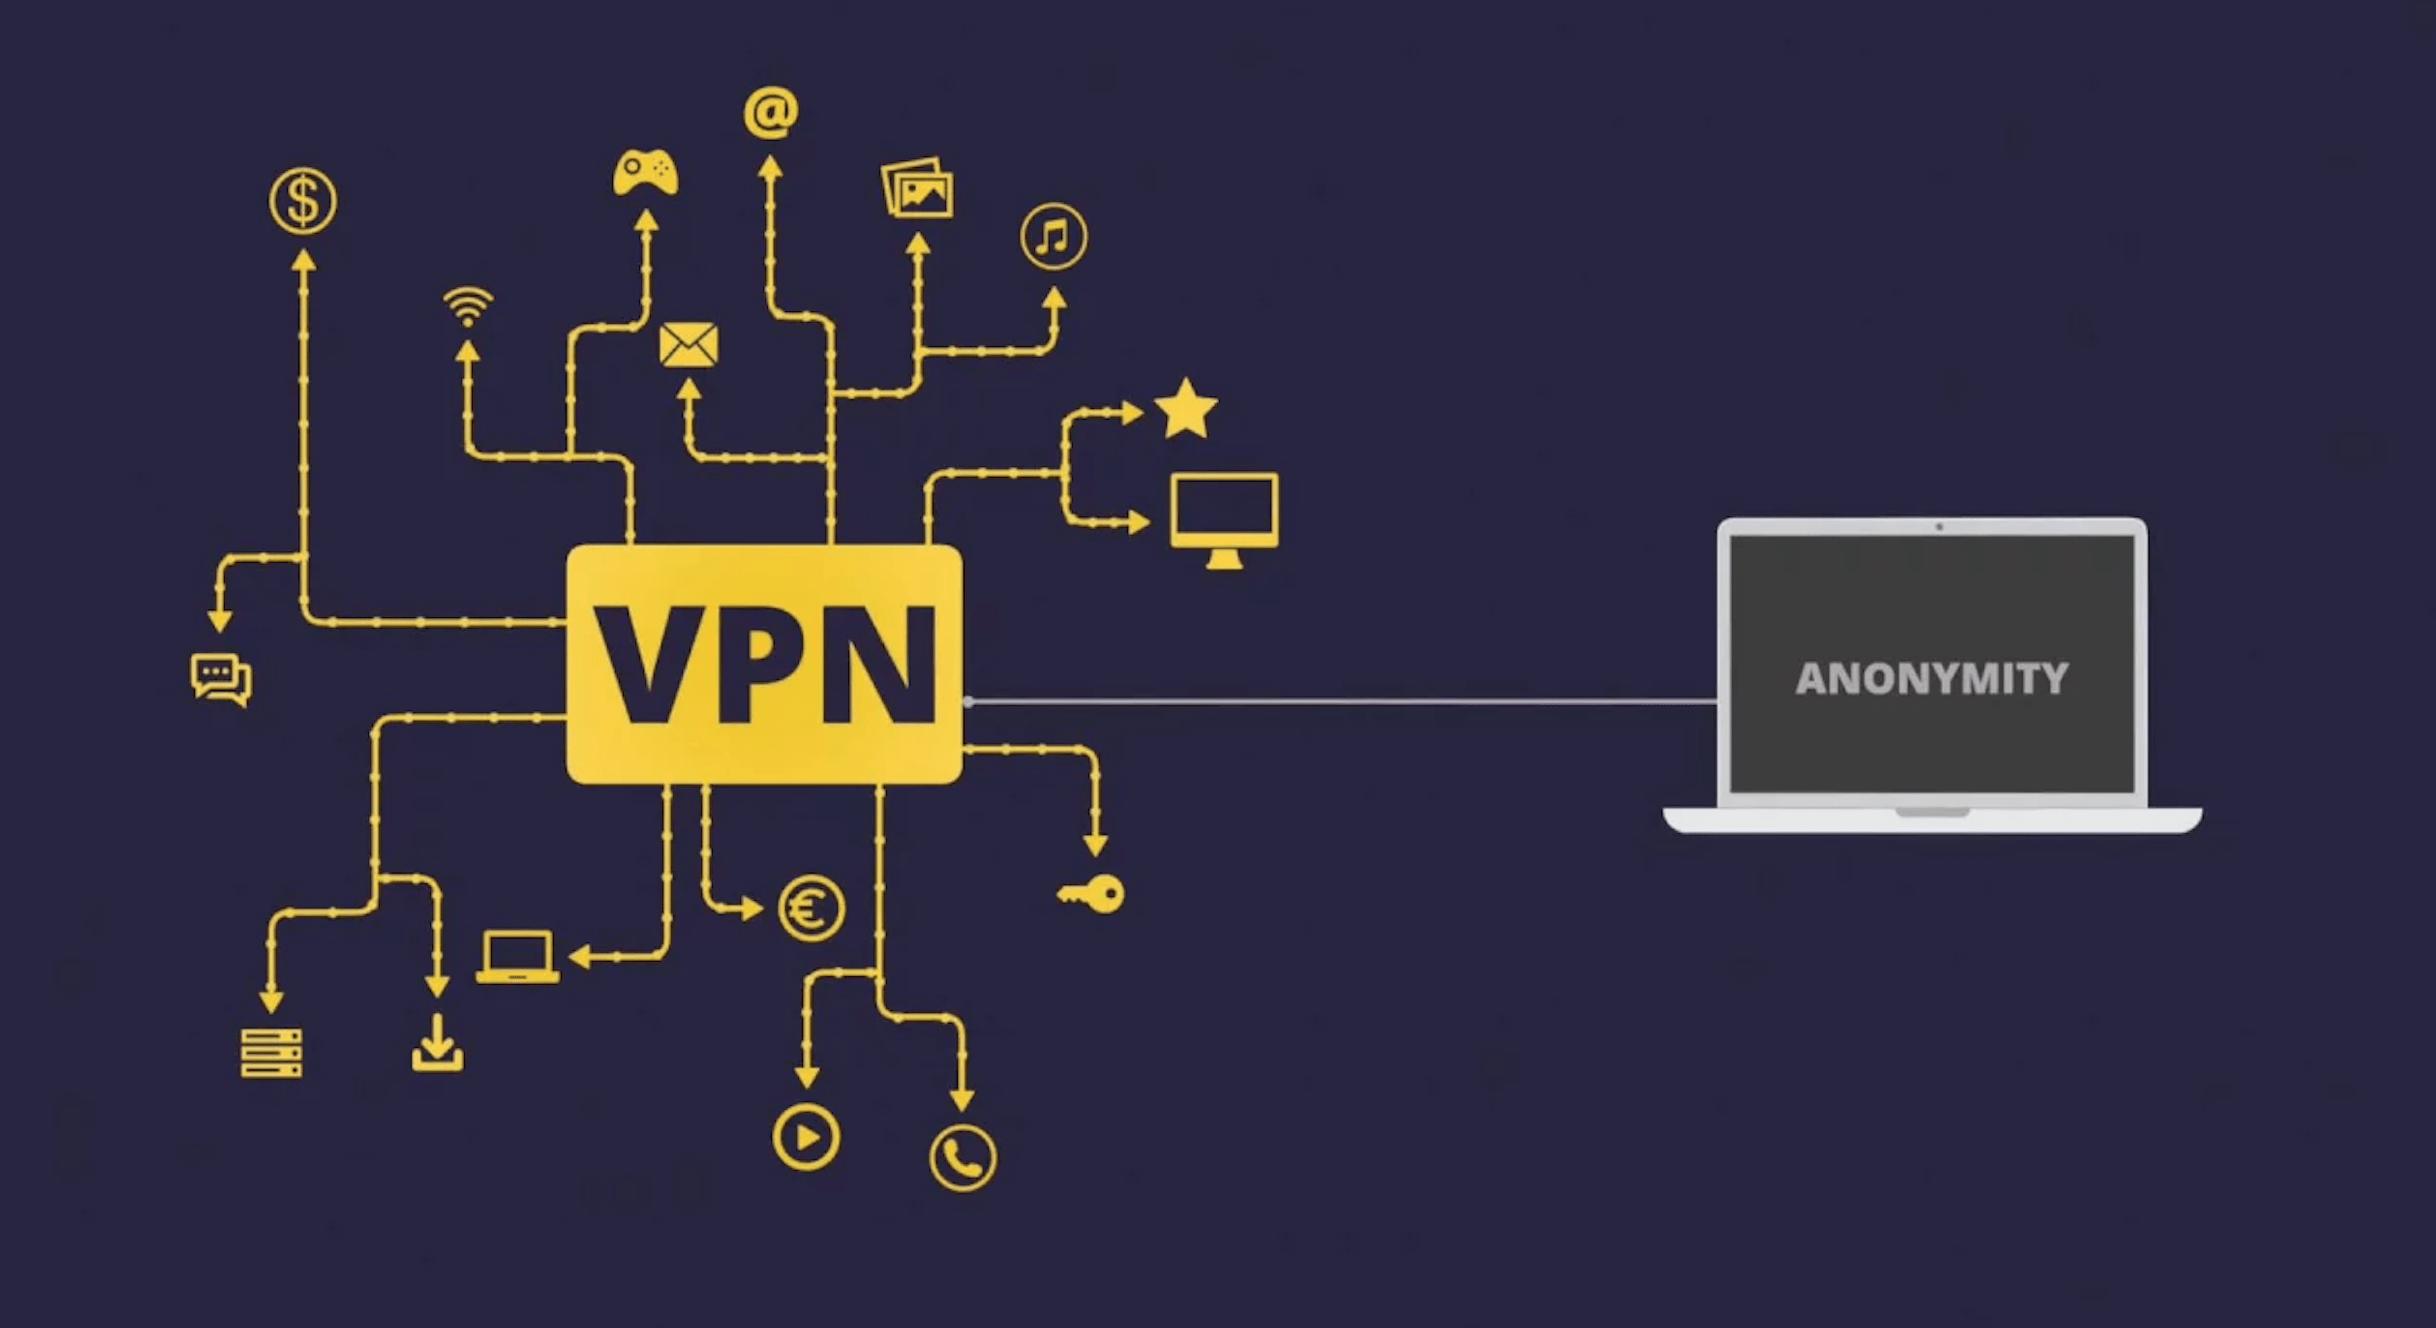 公務員secrets presents VPN coupon code — browse the web without censorship